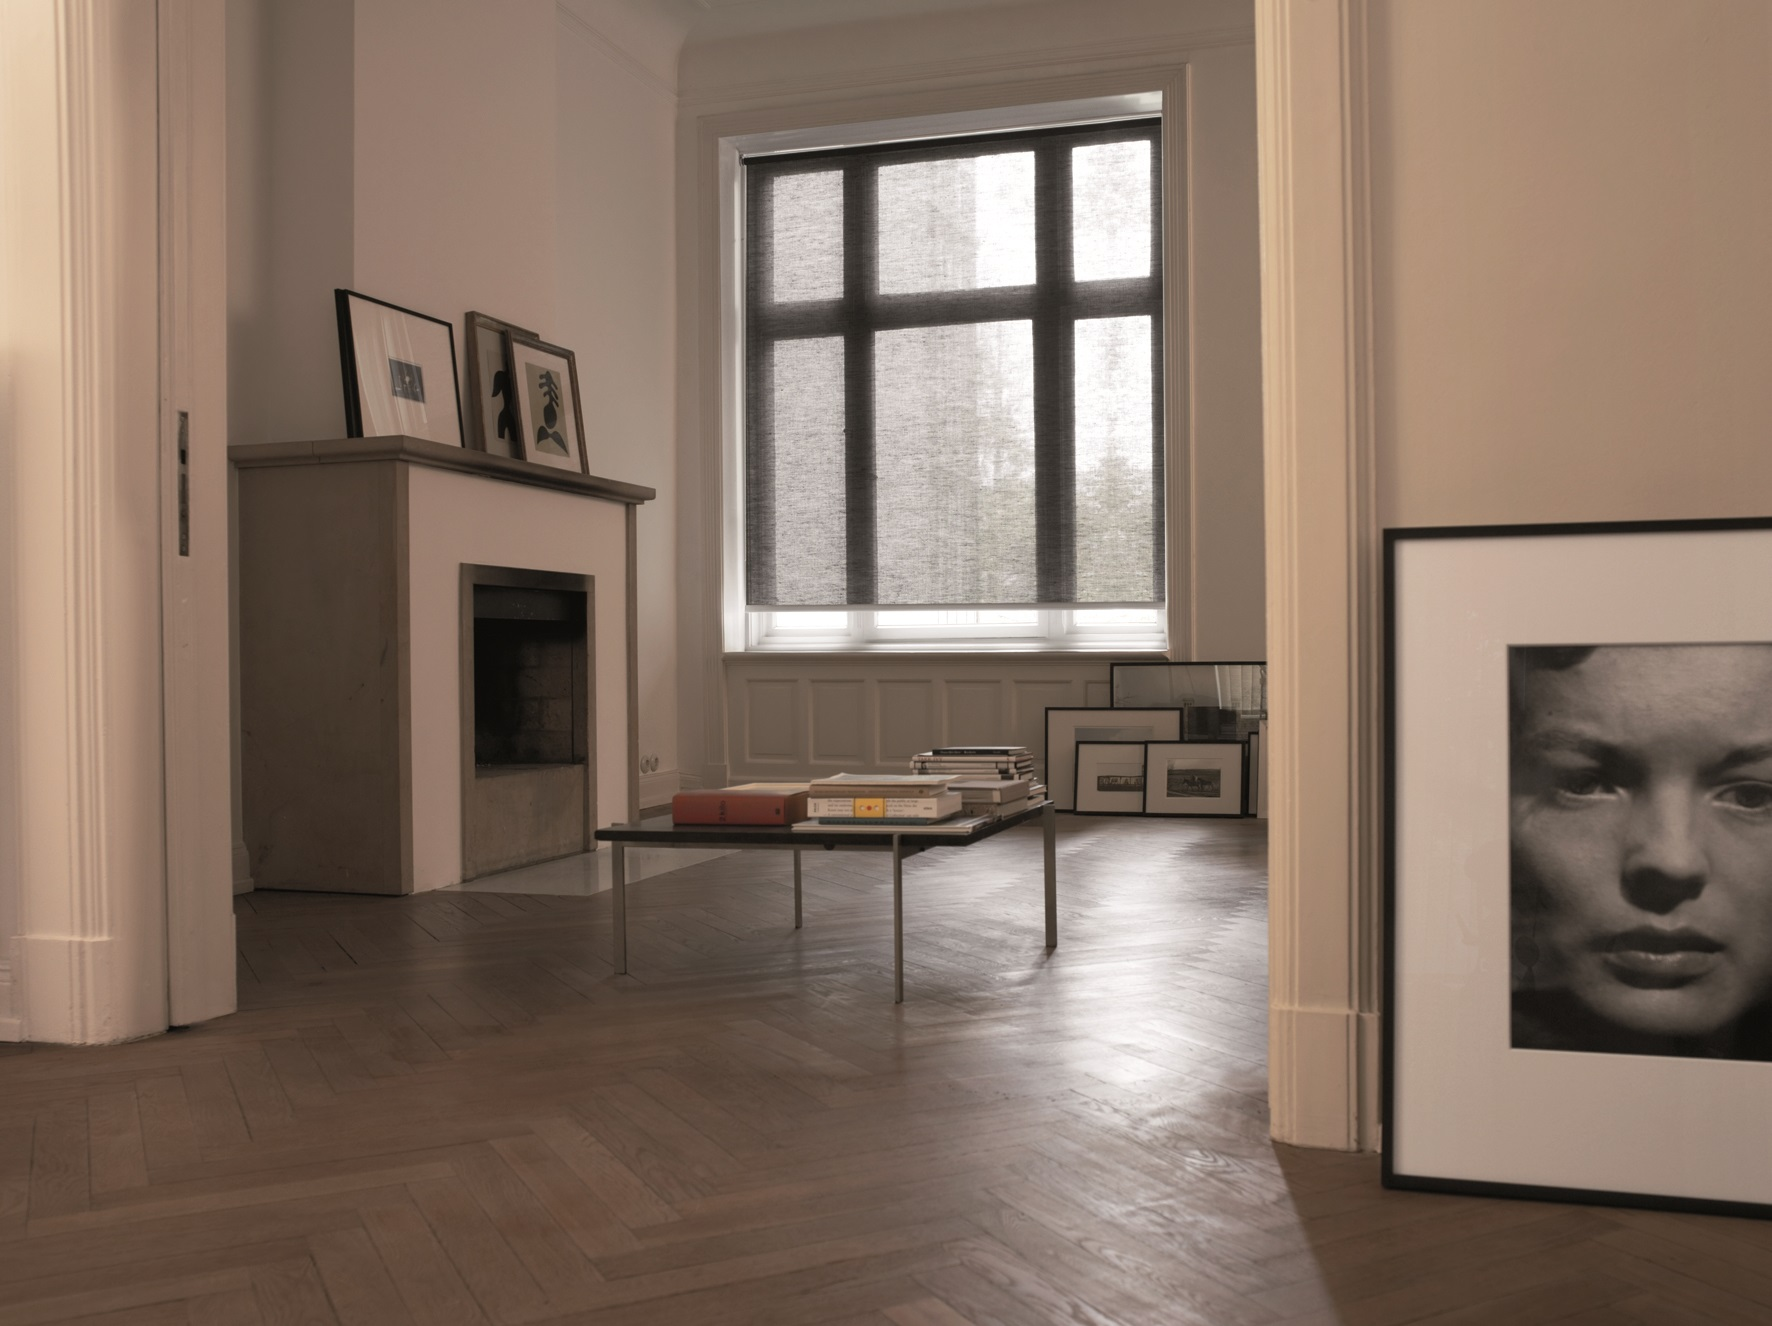 plissee rollo wohnzimmer:DUETTE® Plissee Wohnzimmer Plissees Doppelrollo